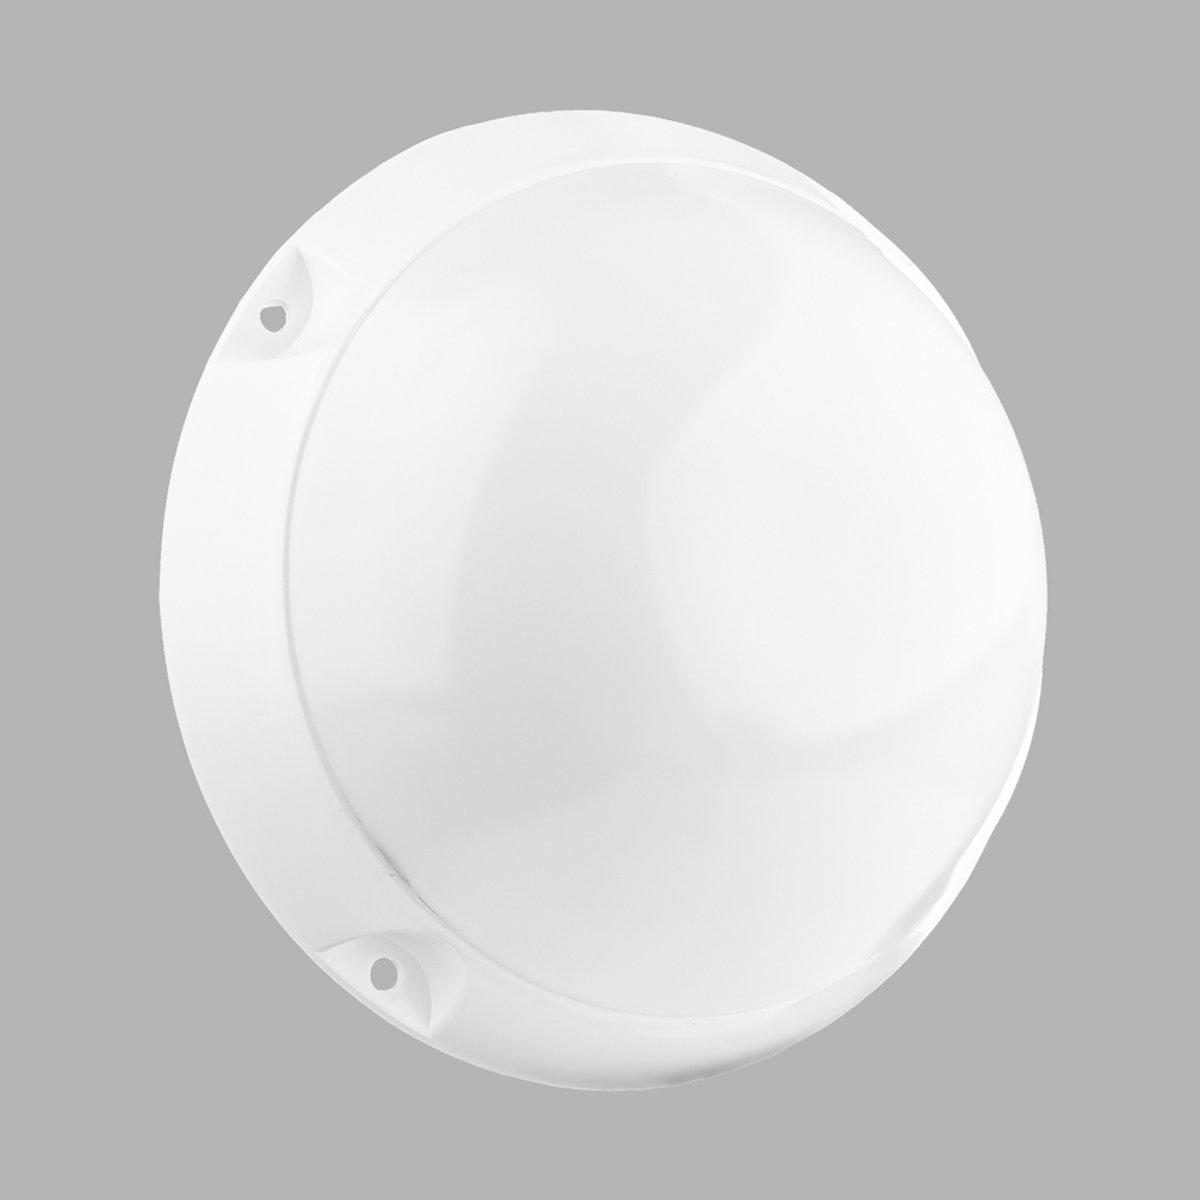 Светодиодный светильник Profitec 12W 1200Lm 4500K IP20